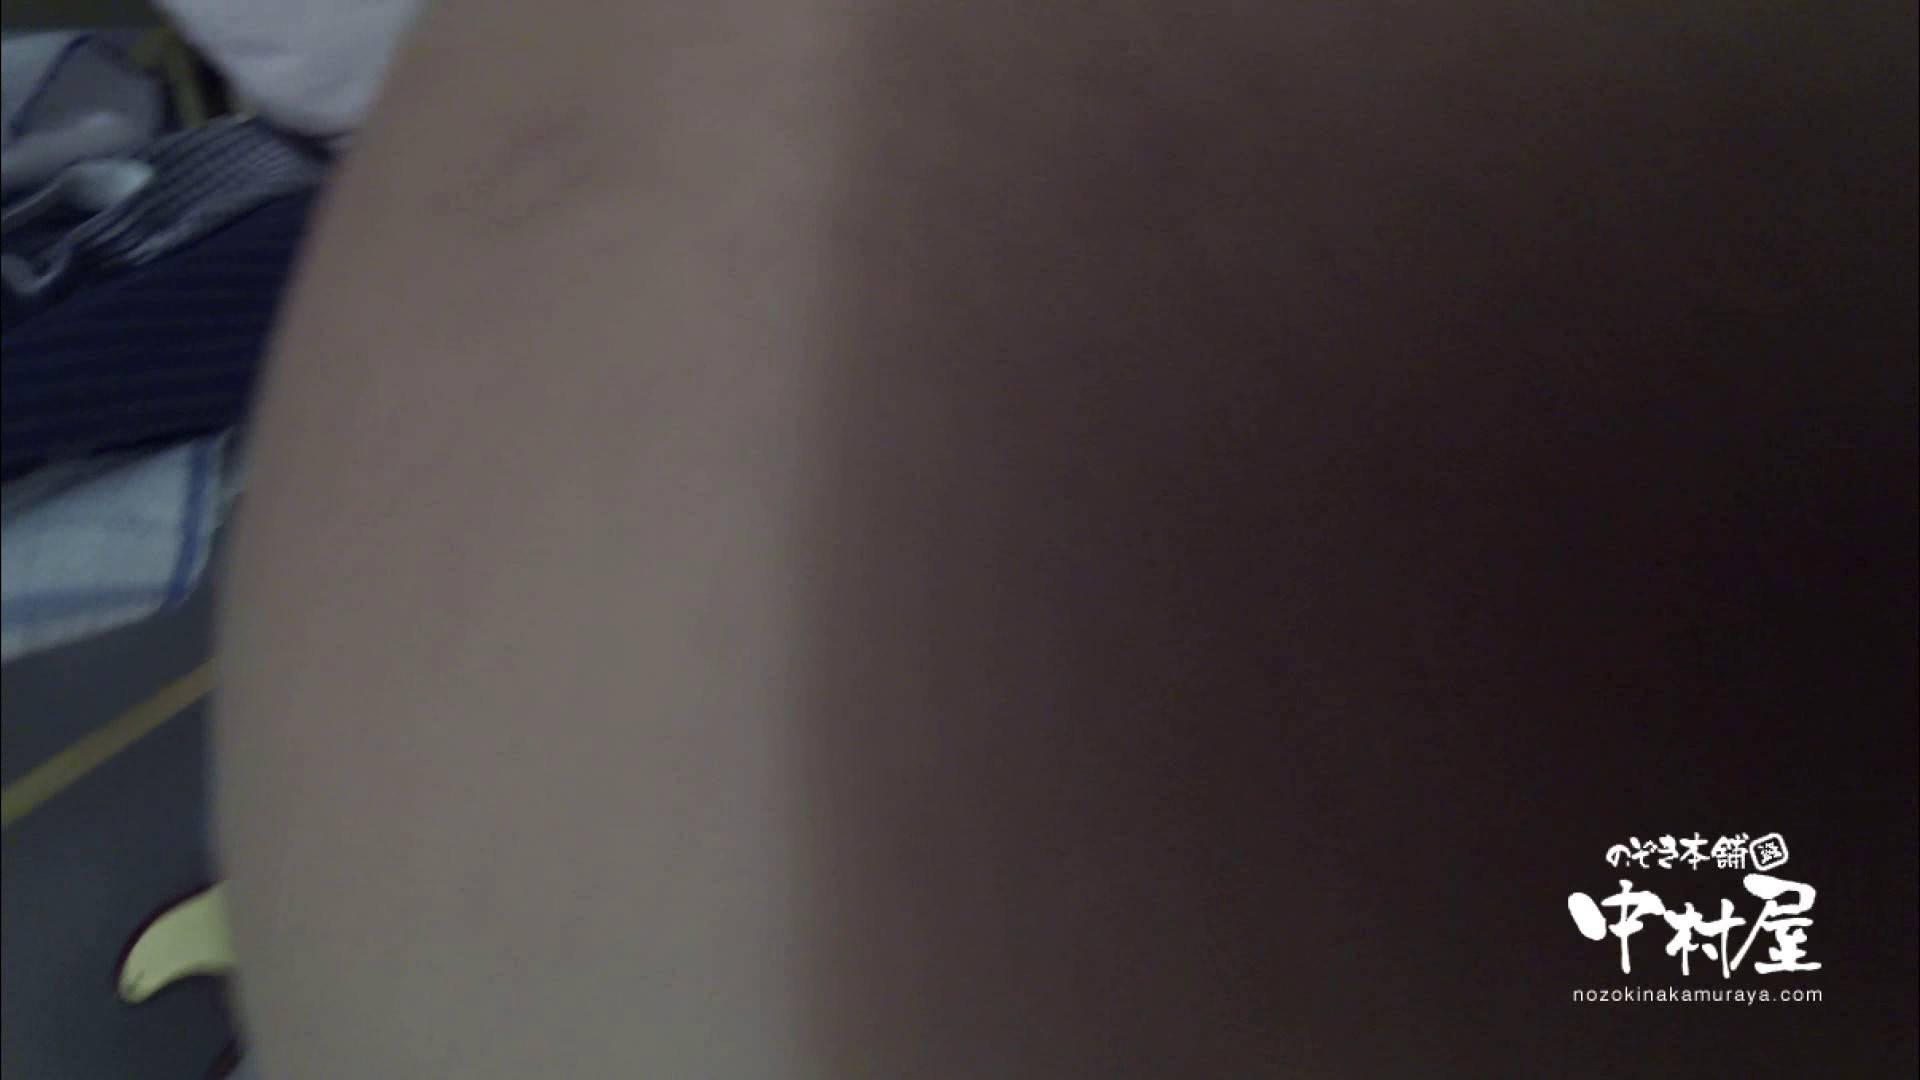 鬼畜 vol.03 イヤァー! 前編 鬼畜   OLエロ画像  104PICs 13